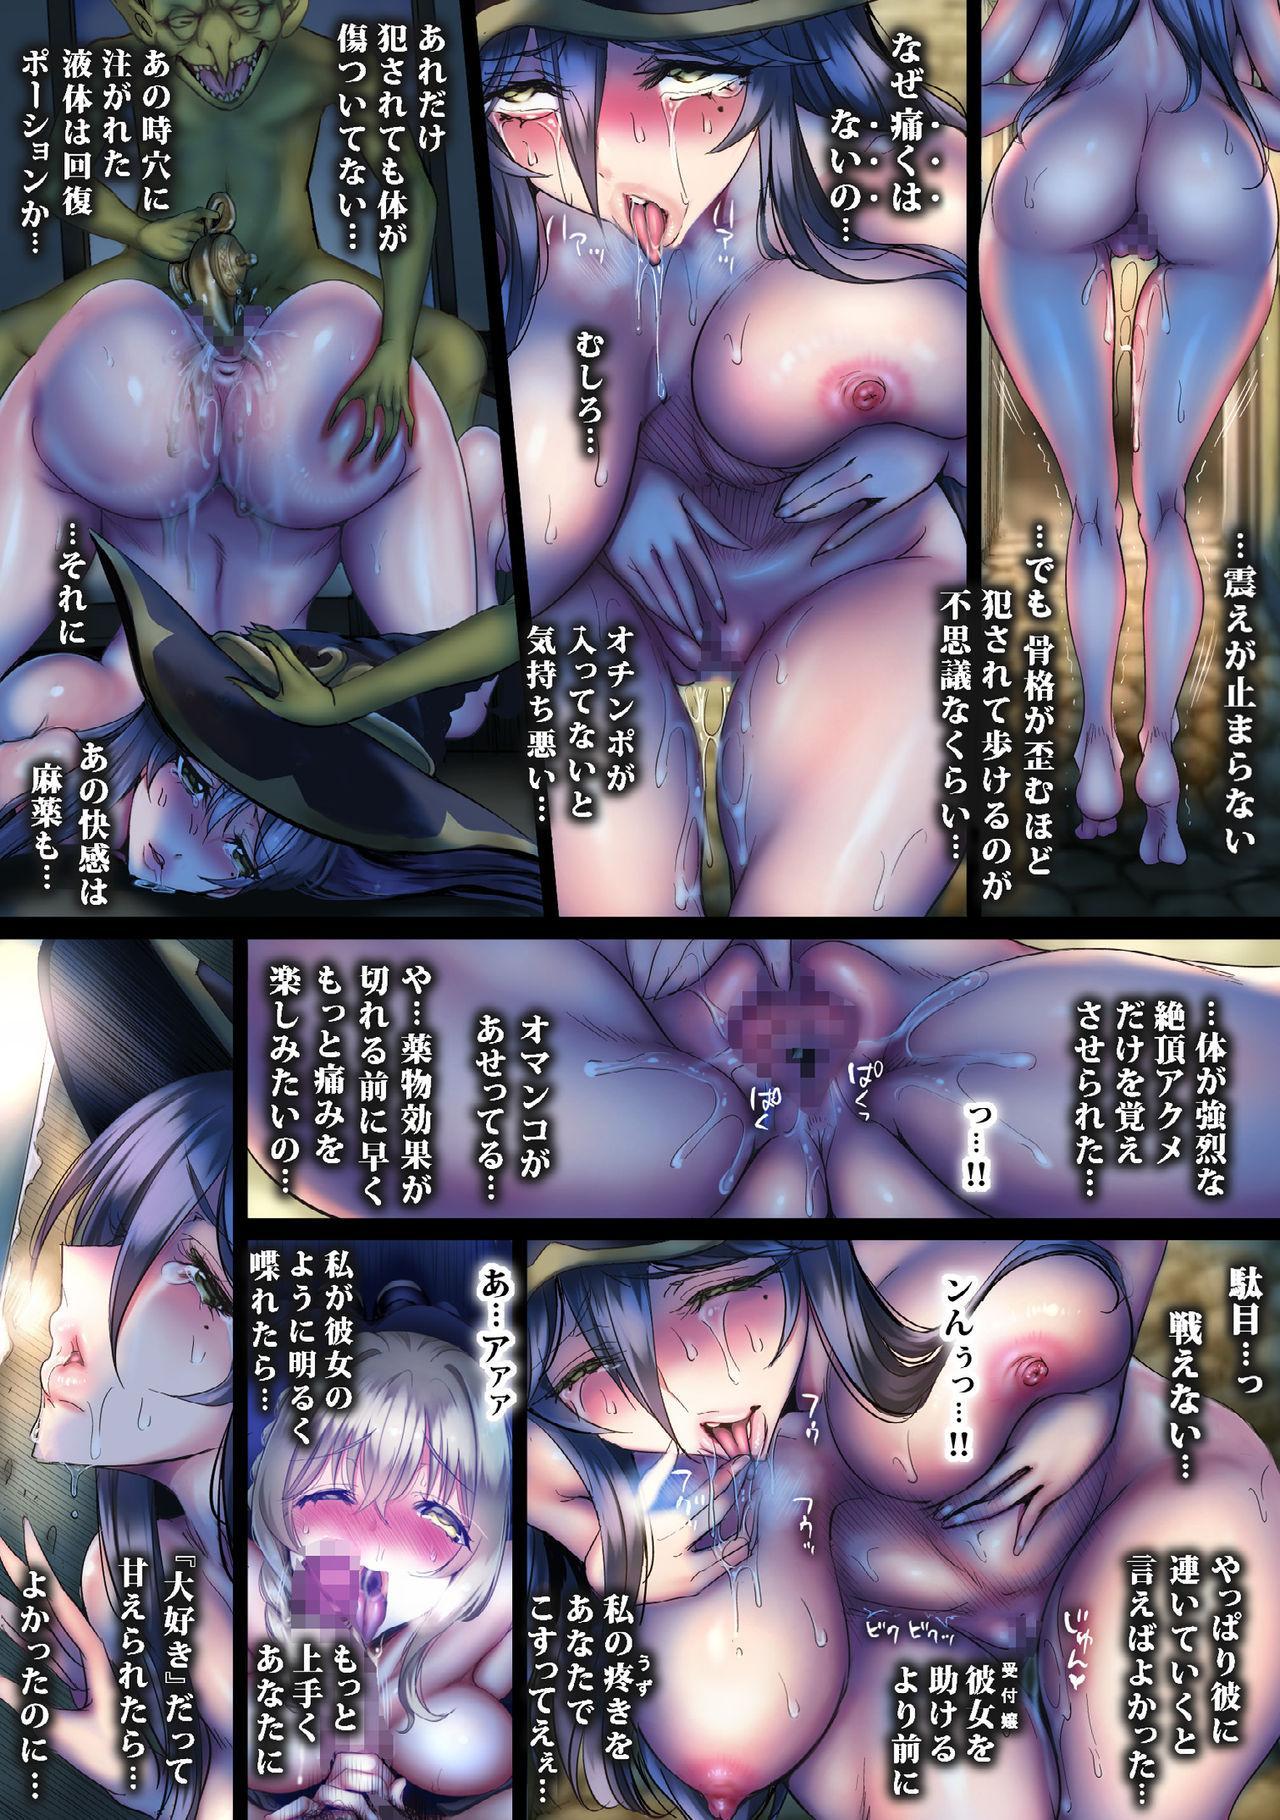 Zenmetsu Party Rape 4 28